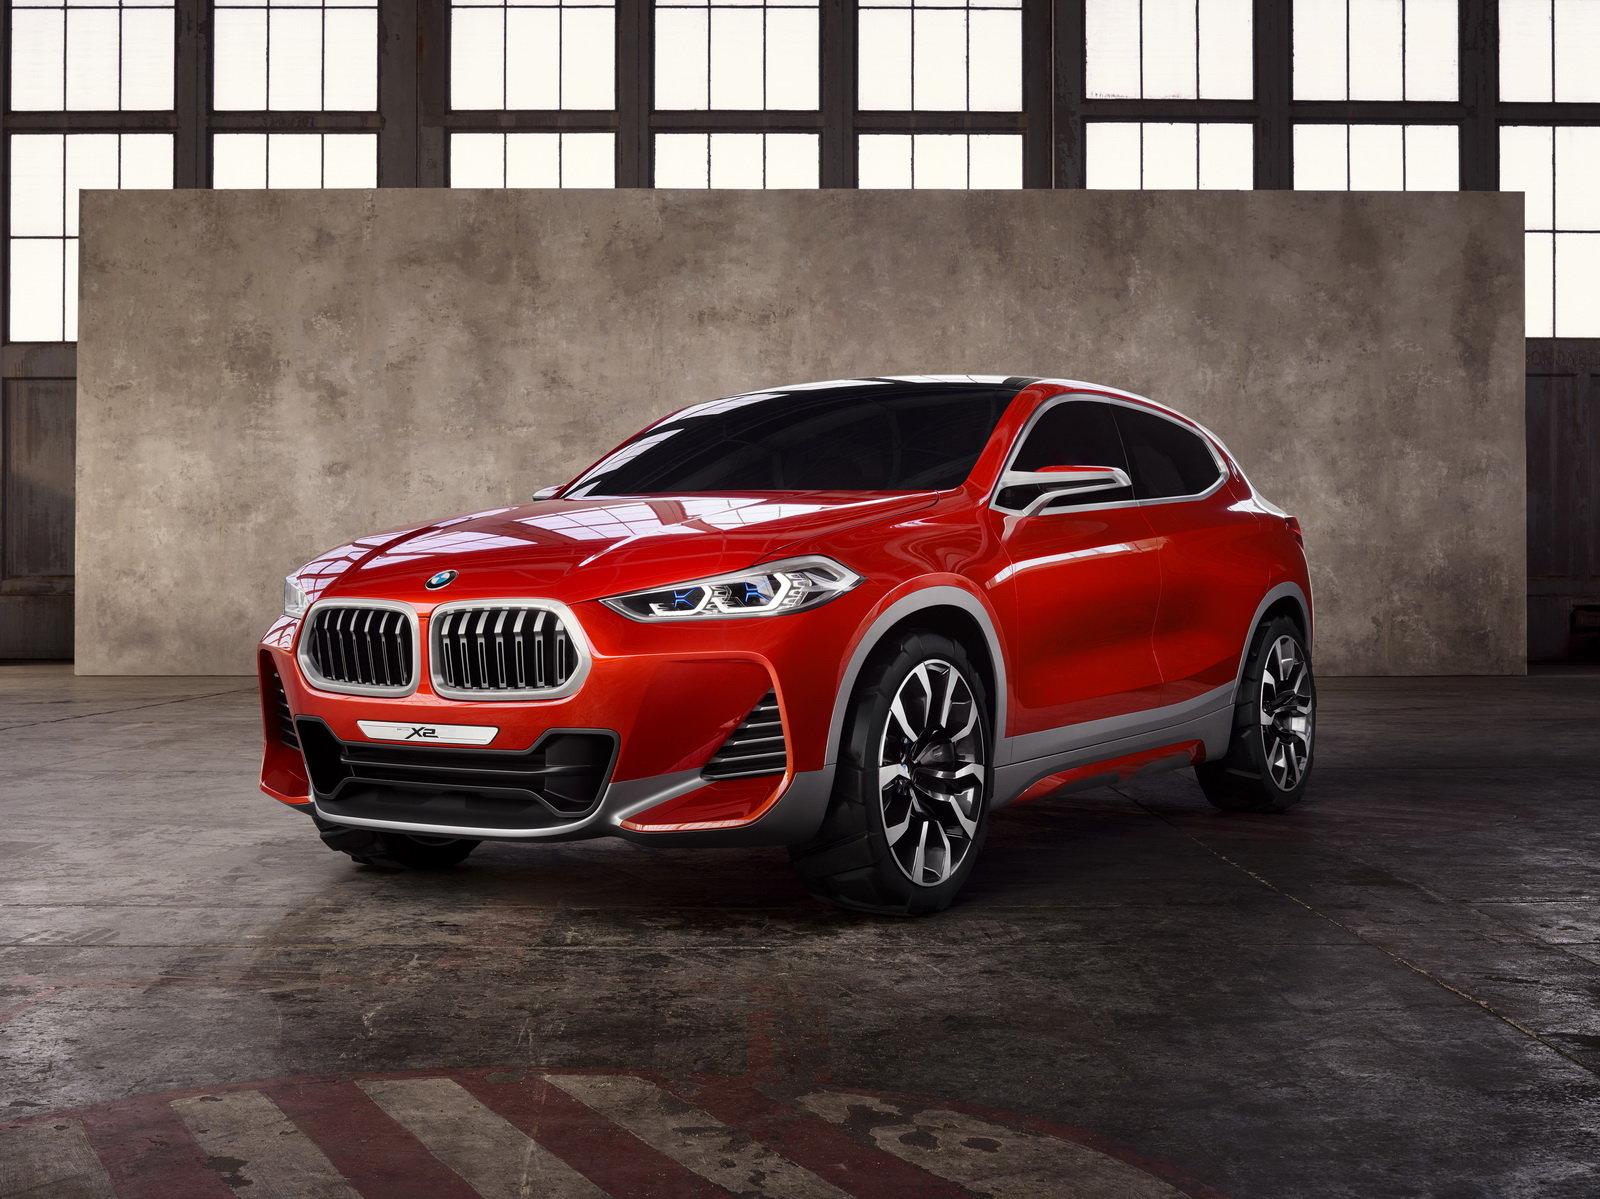 Eso nebo spodek? BMW ukázalo Concept X2, vypadá snad až příliš čínsky - anotační foto